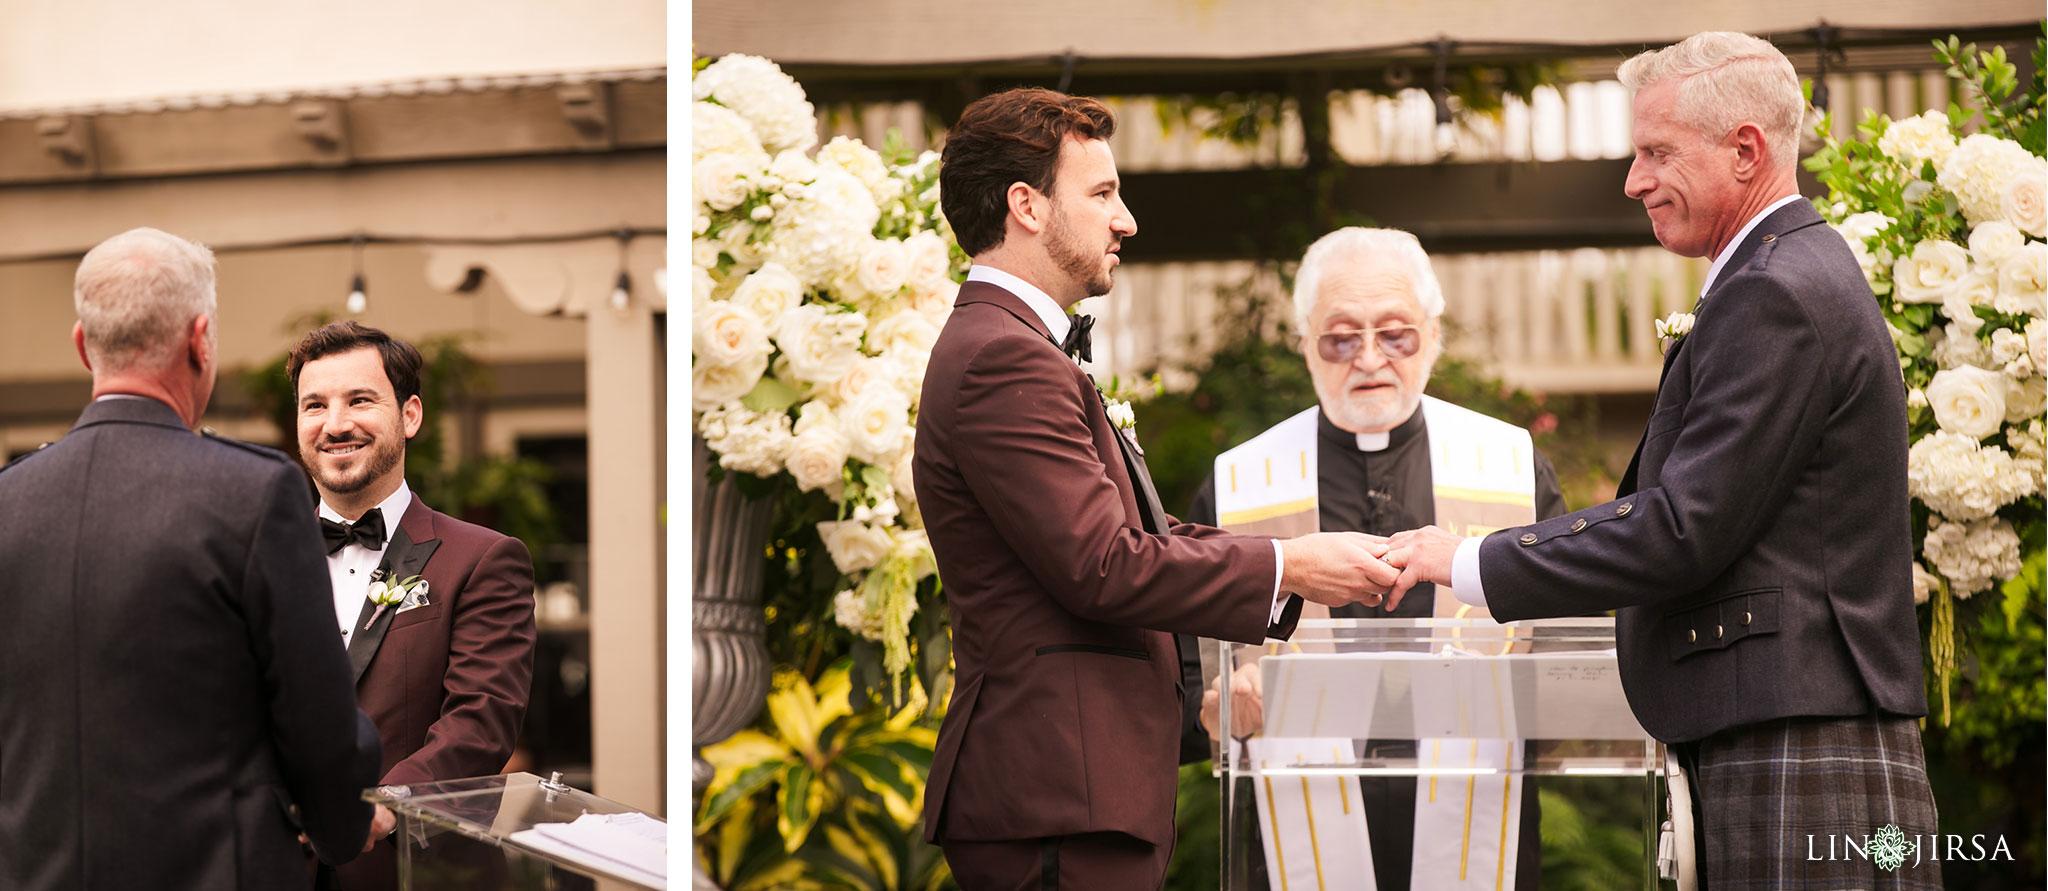 24 sherman library gardens corona del mar same sex wedding photography